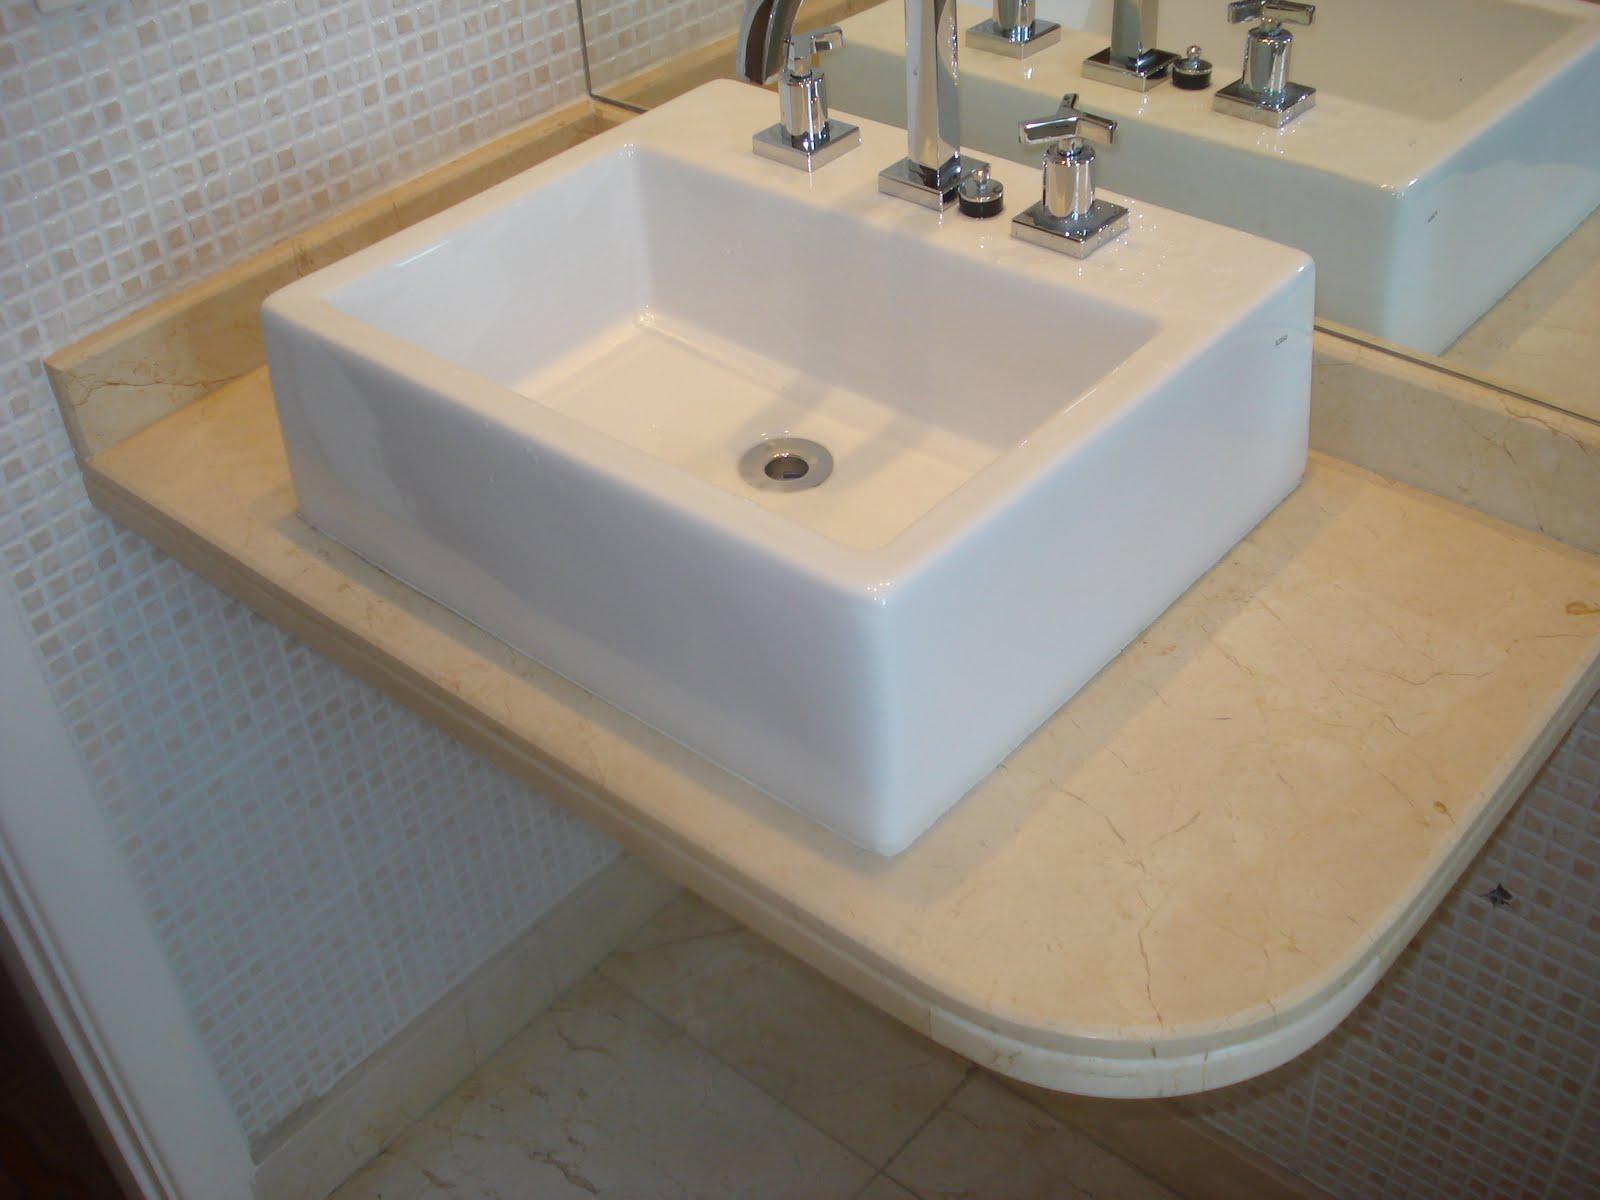 marmore crema marfil #8A6D41 1600x1200 Bancada Banheiro Crema Marfil